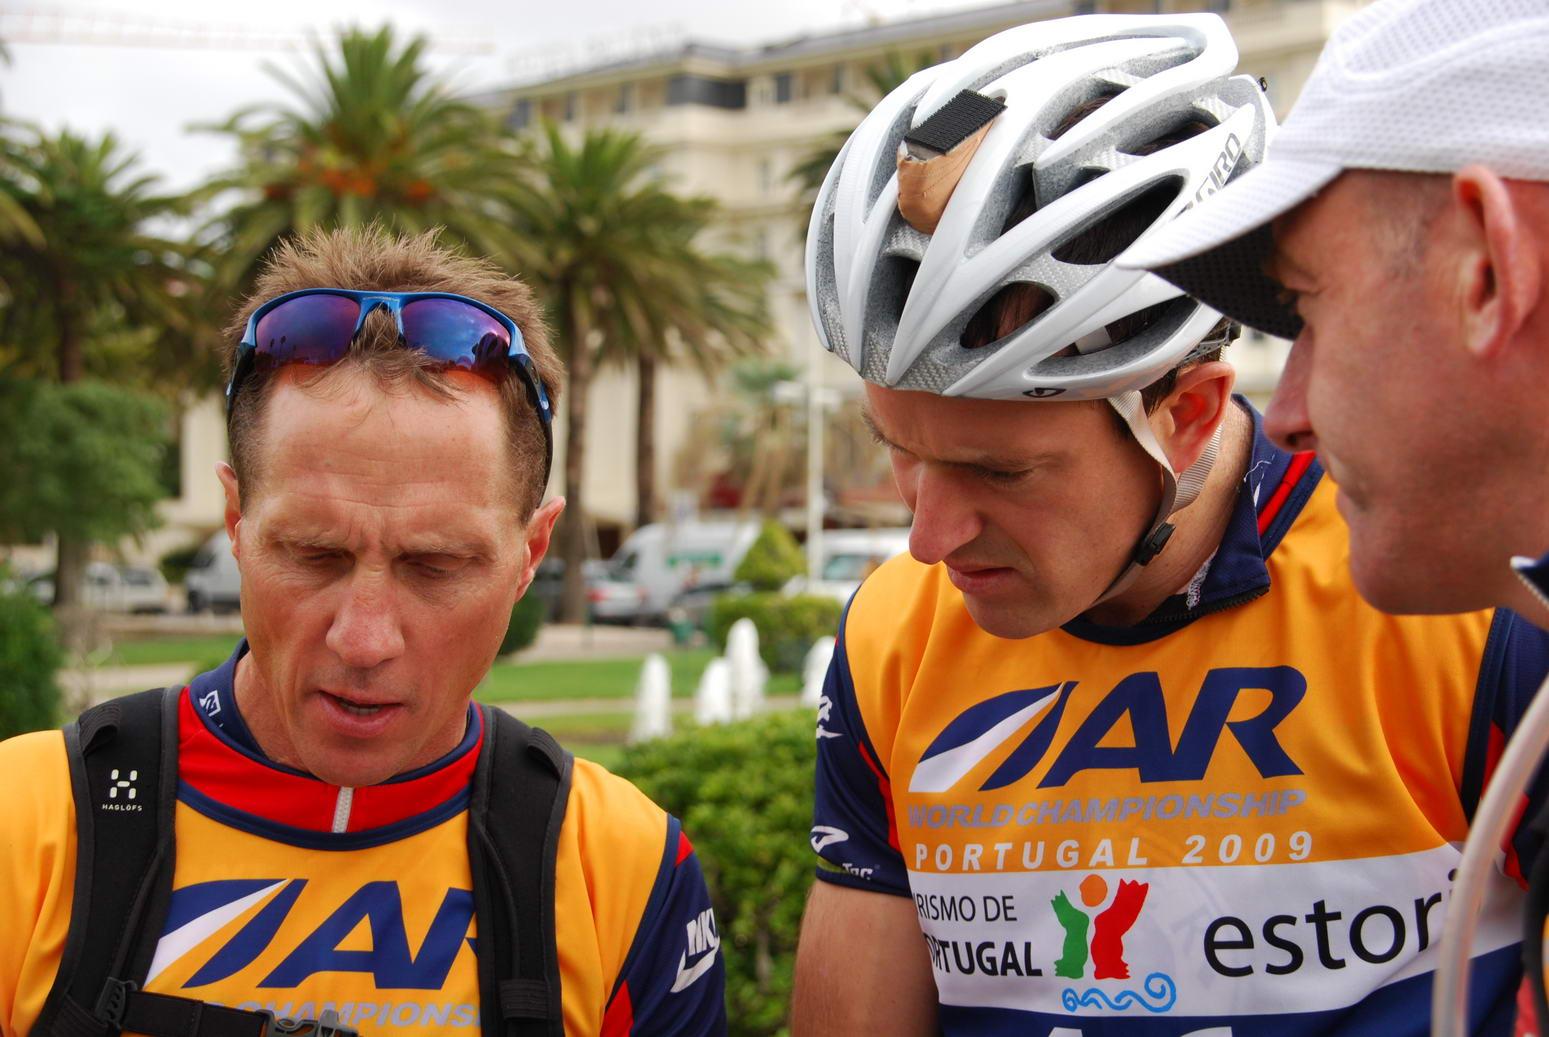 Mike explains something (Portugal ARWC 2009)